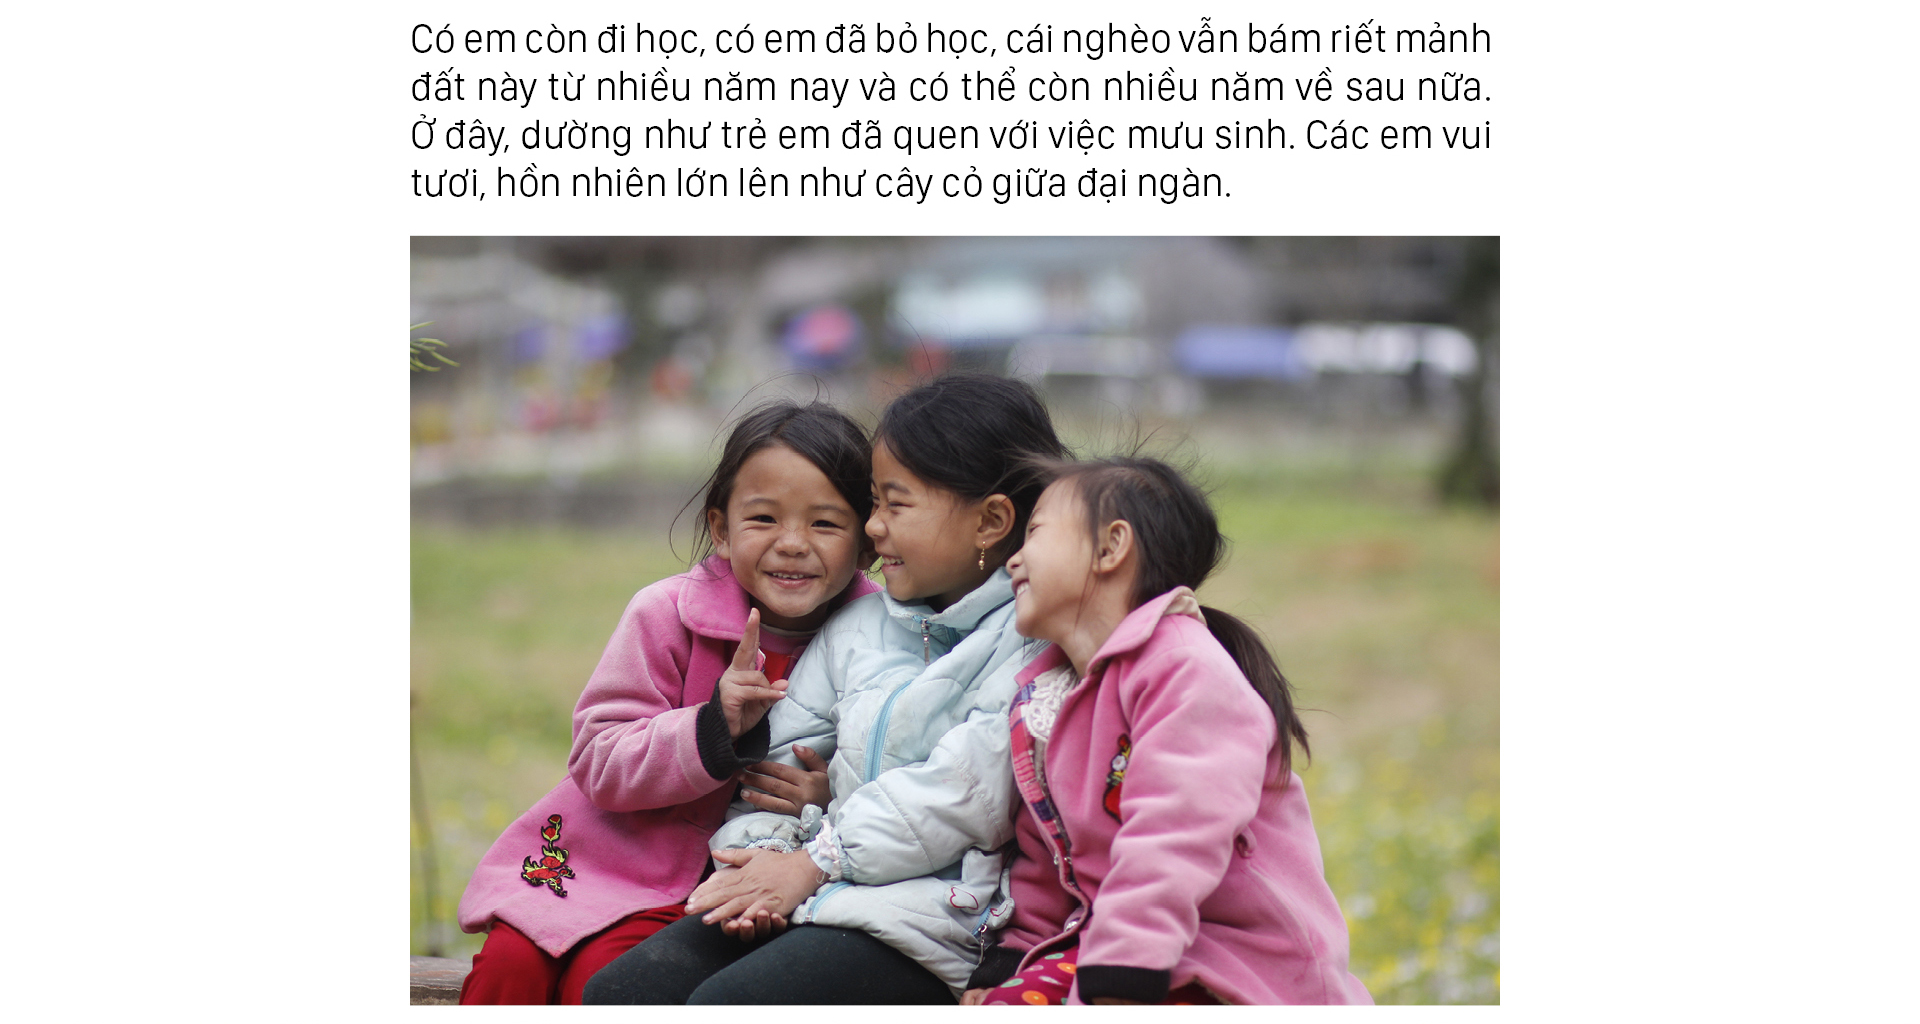 Những đứa trẻ mưu sinh giữa đại ngàn Hà Giang ảnh 7